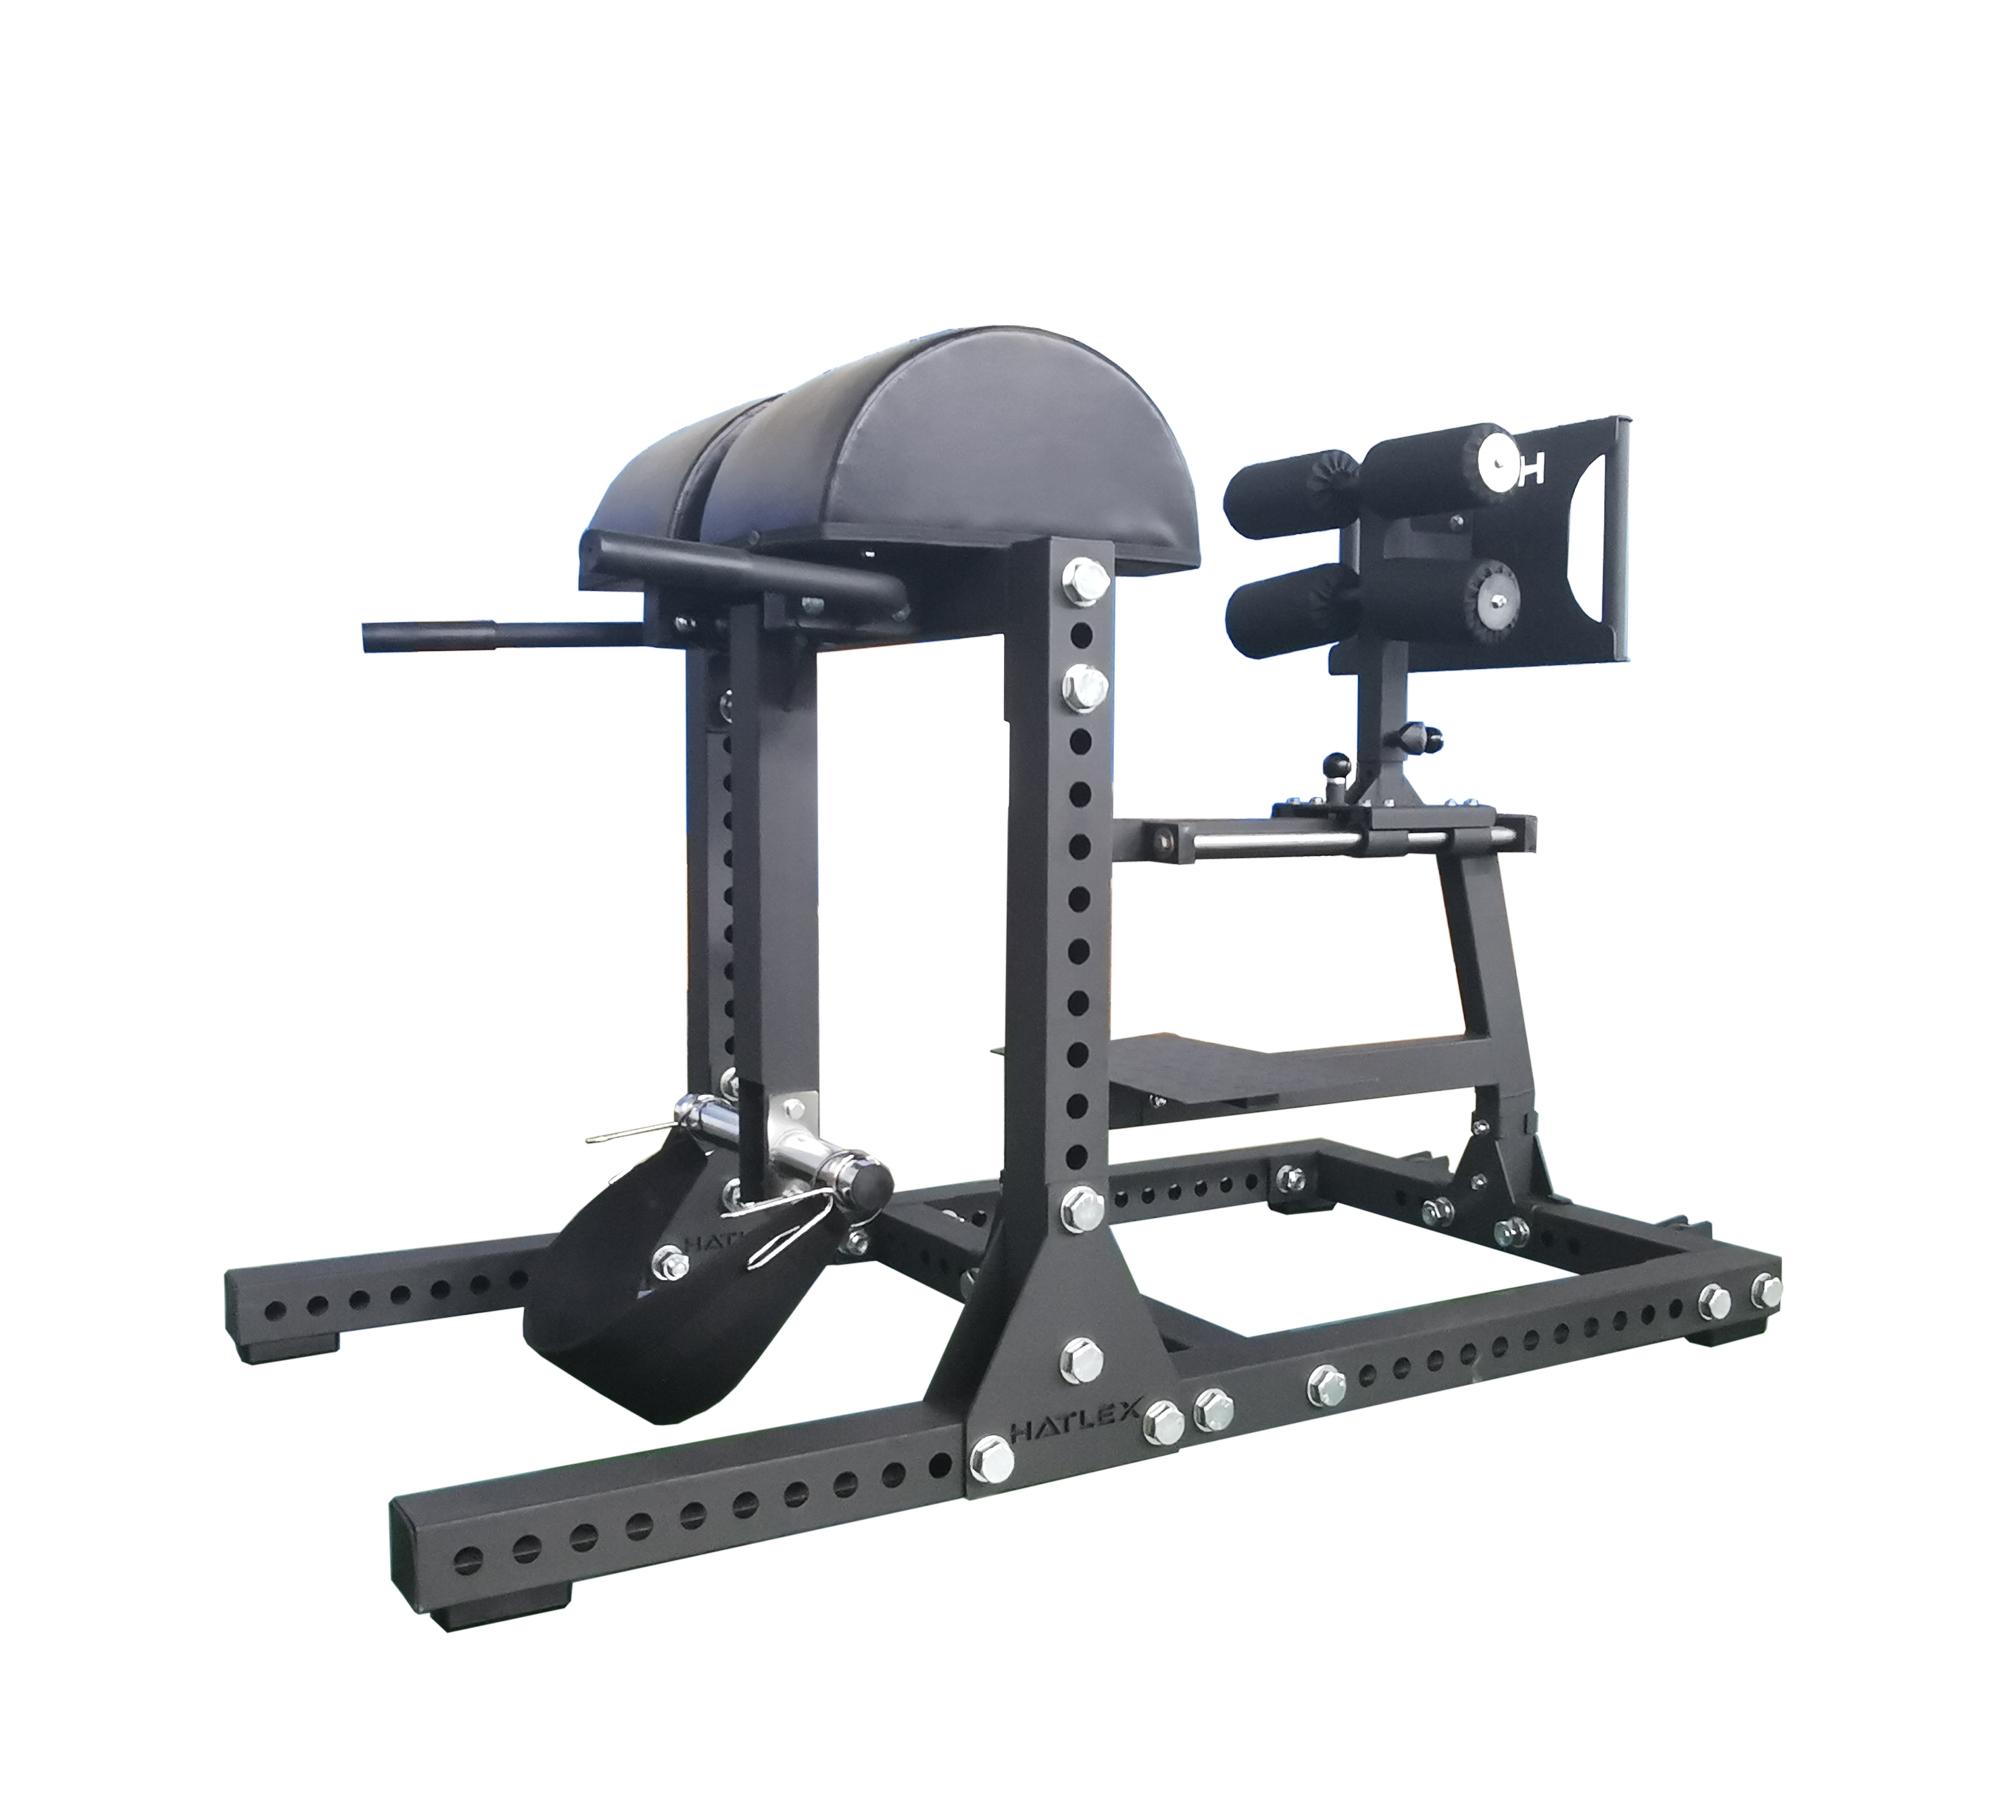 重型腹背训练器 罗马椅 山羊挺身 GHD 俯卧反向抬腿 屈腿臀训练器